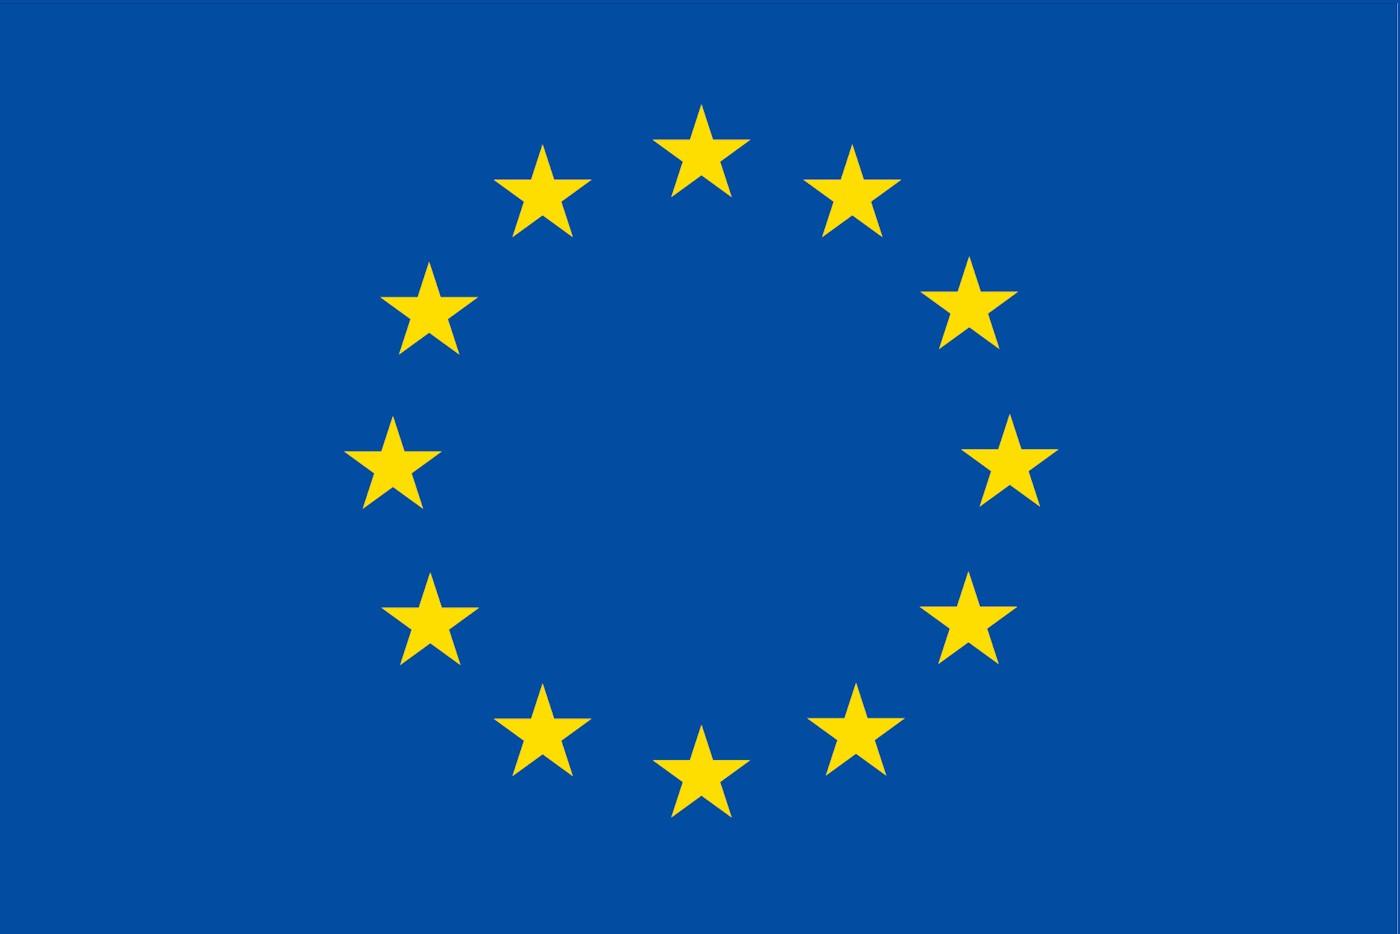 10 choses à savoir sur l'Union européenne